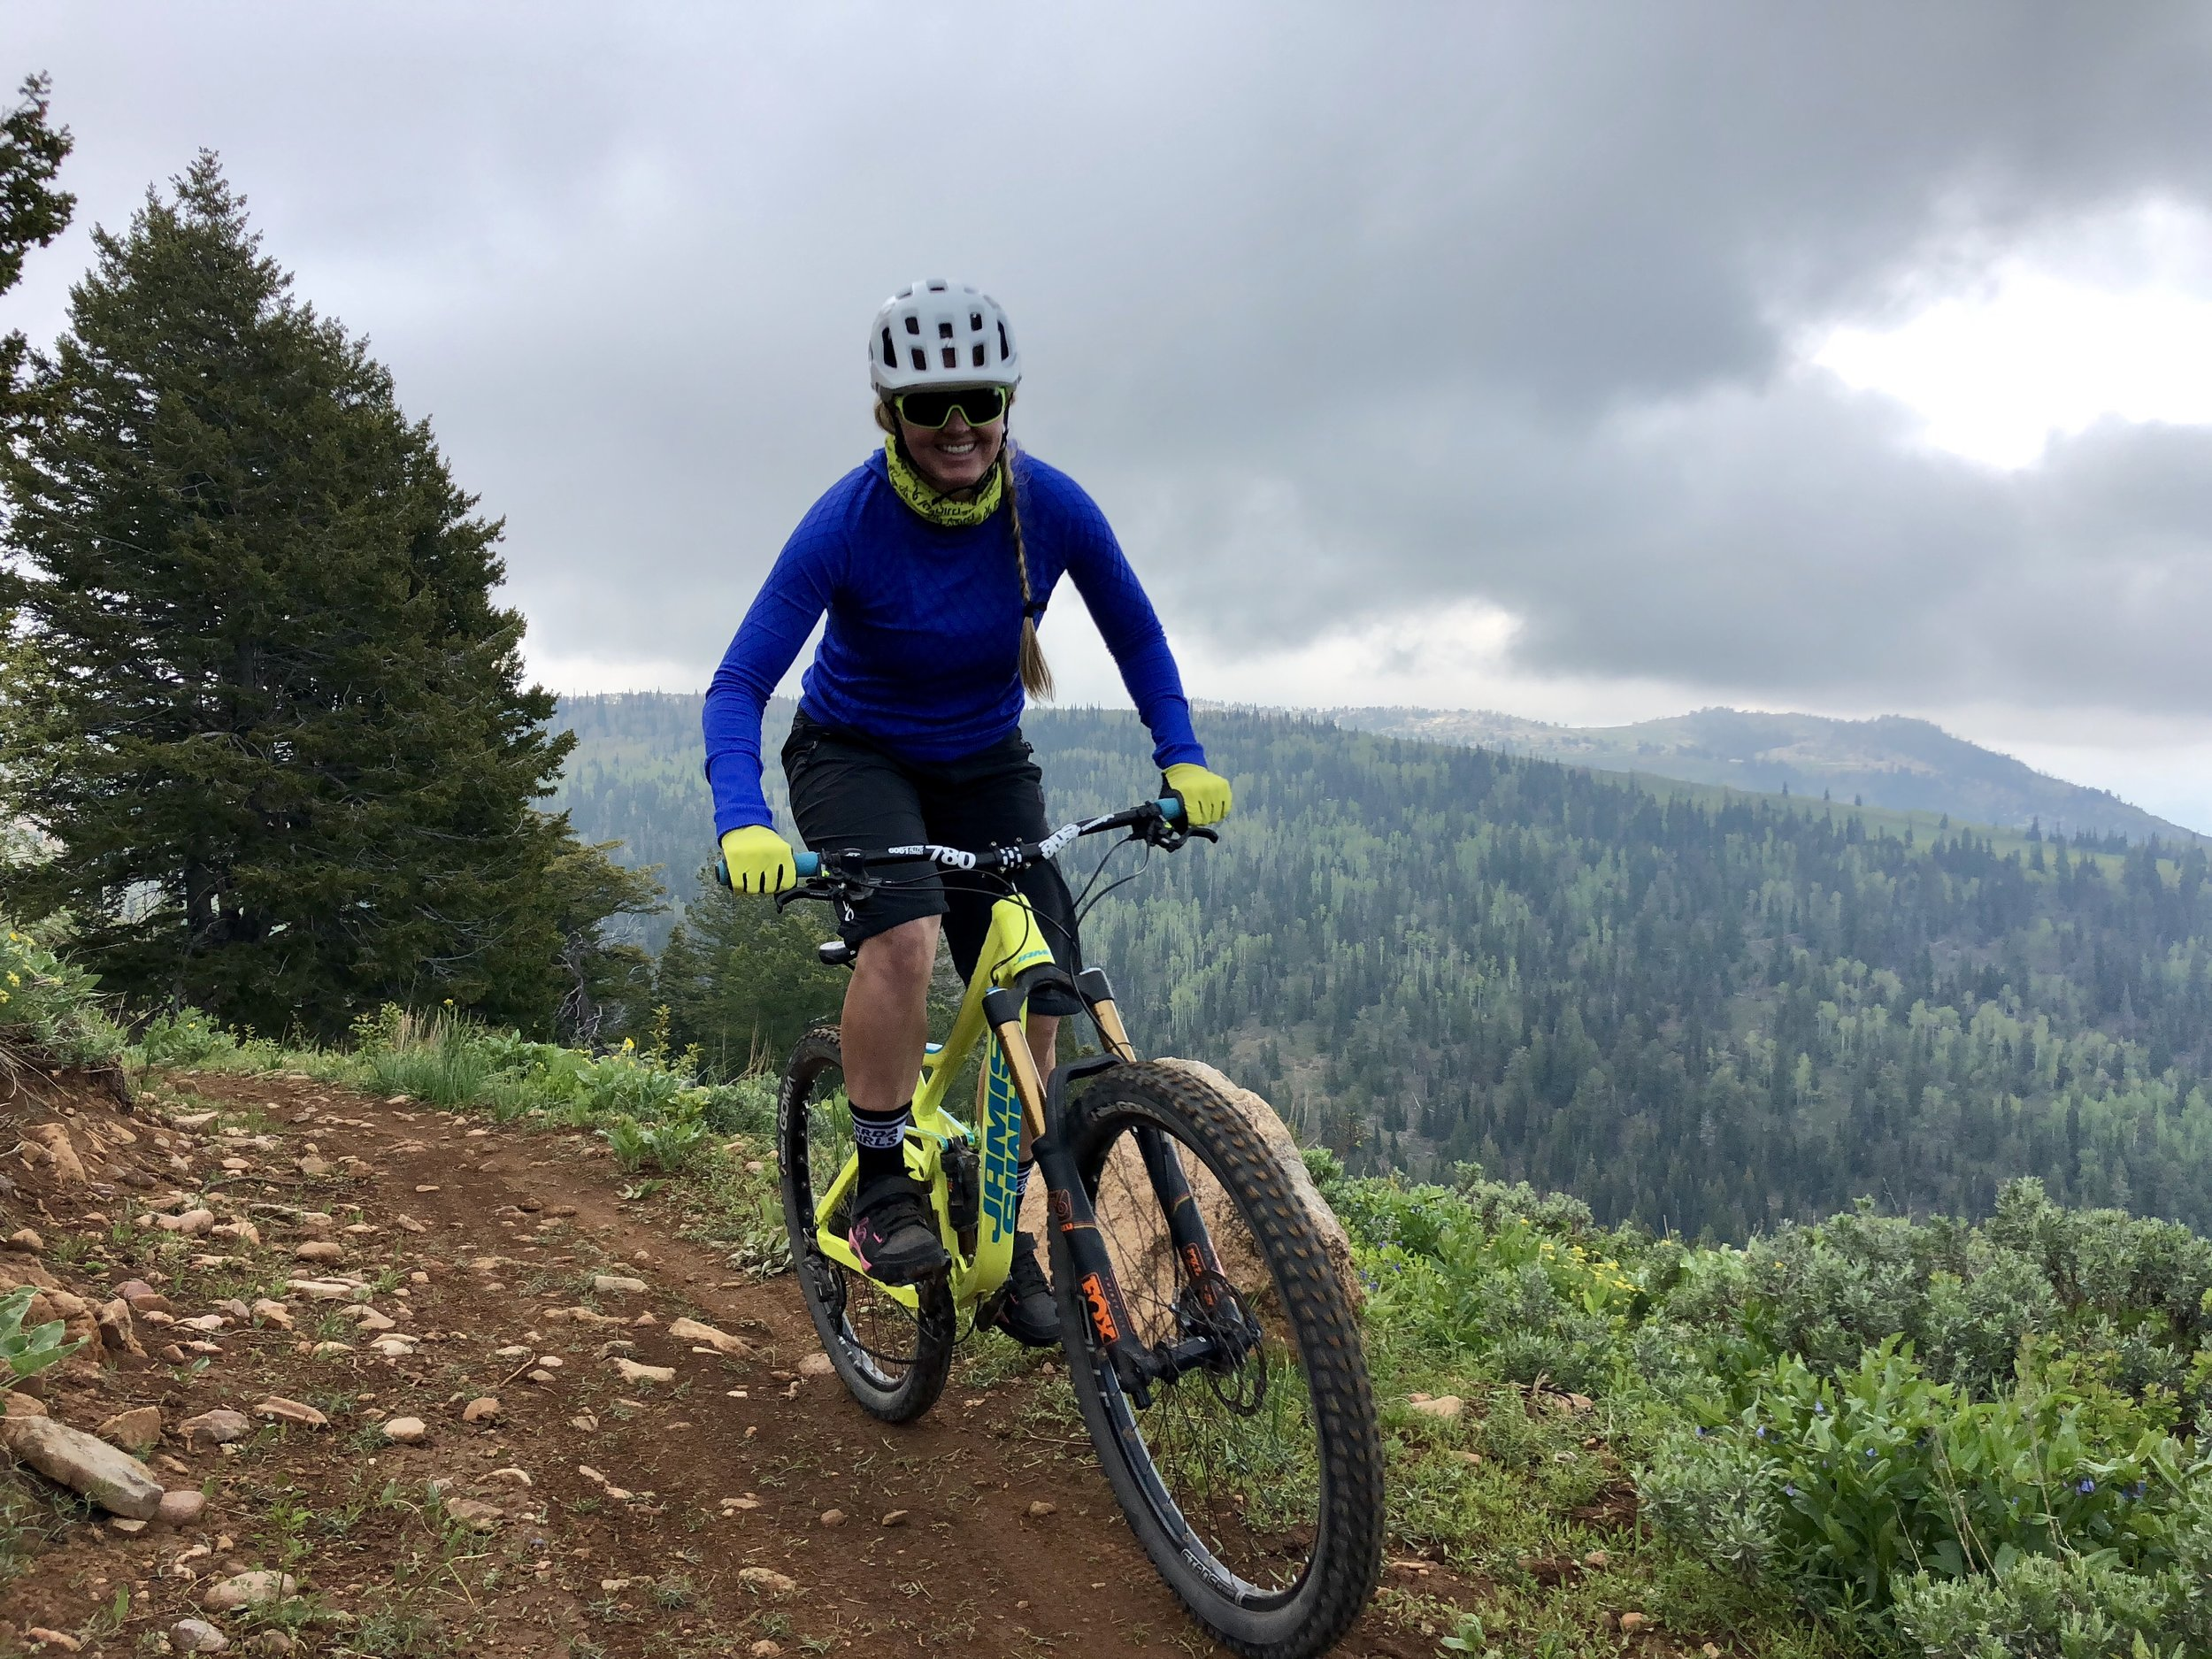 Women Mountain Biking in Utah, Mountain Bike Skills Park City, Mountain Bike Skills Powder Mountain